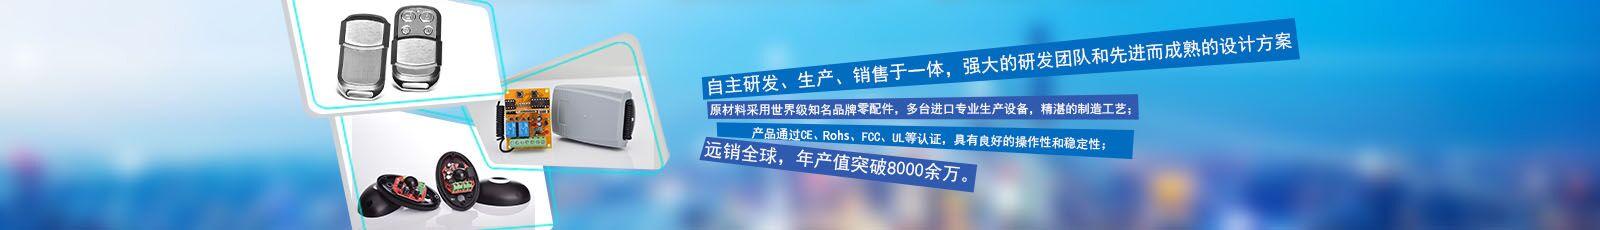 十余年专注研发wu线遥kong器,wu线kongzhi器等安防报警yuzhi能kongzhi产品领域